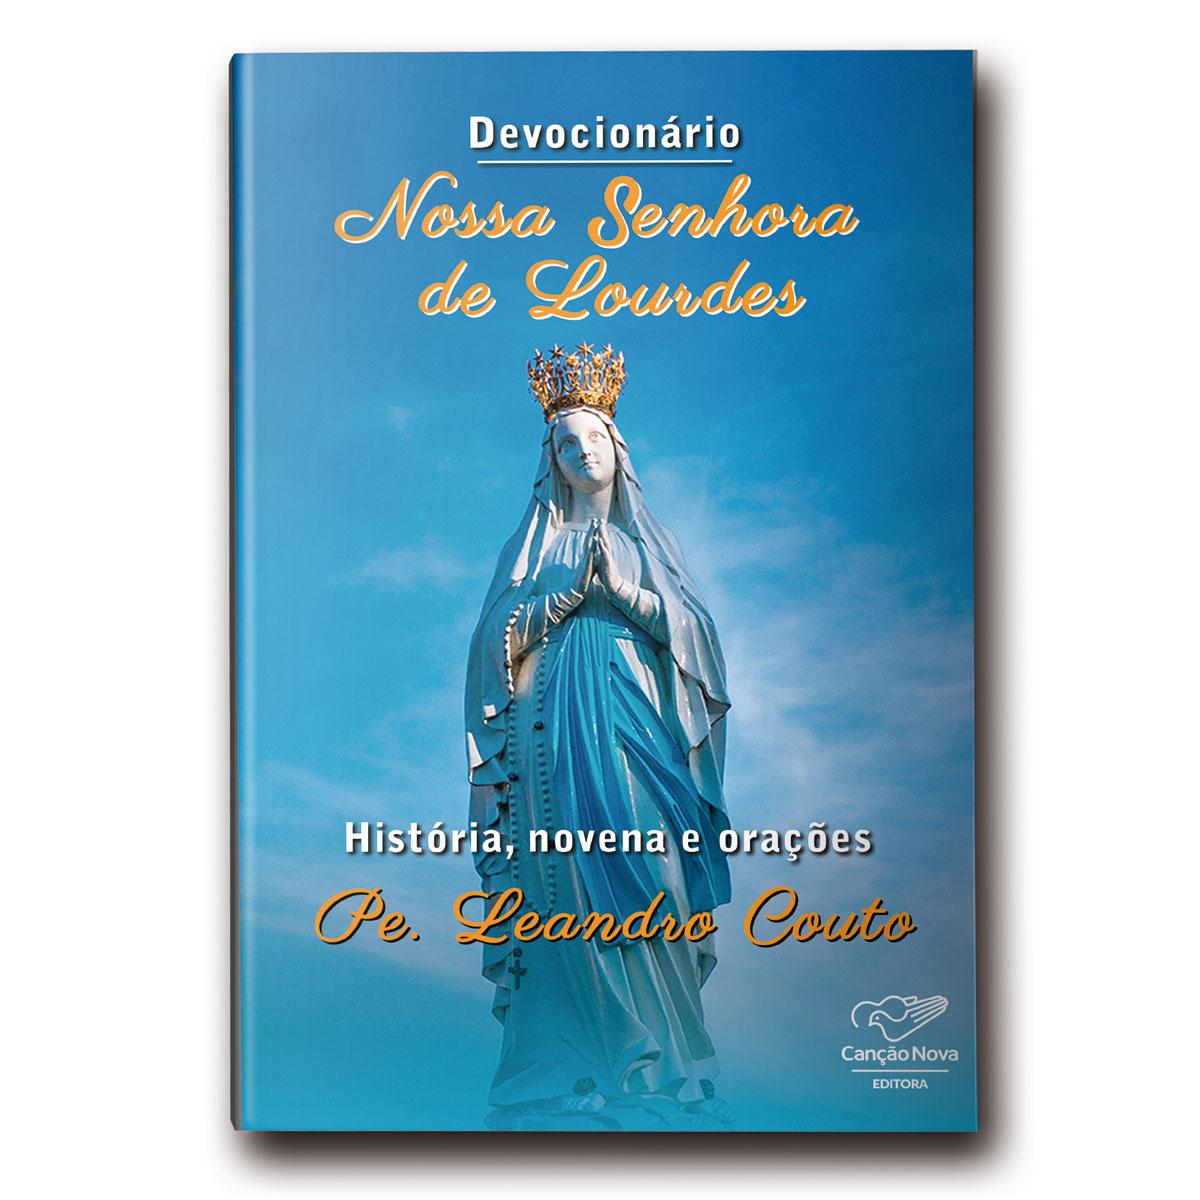 Livro Devocionário Nossa Senhora de Lourdes